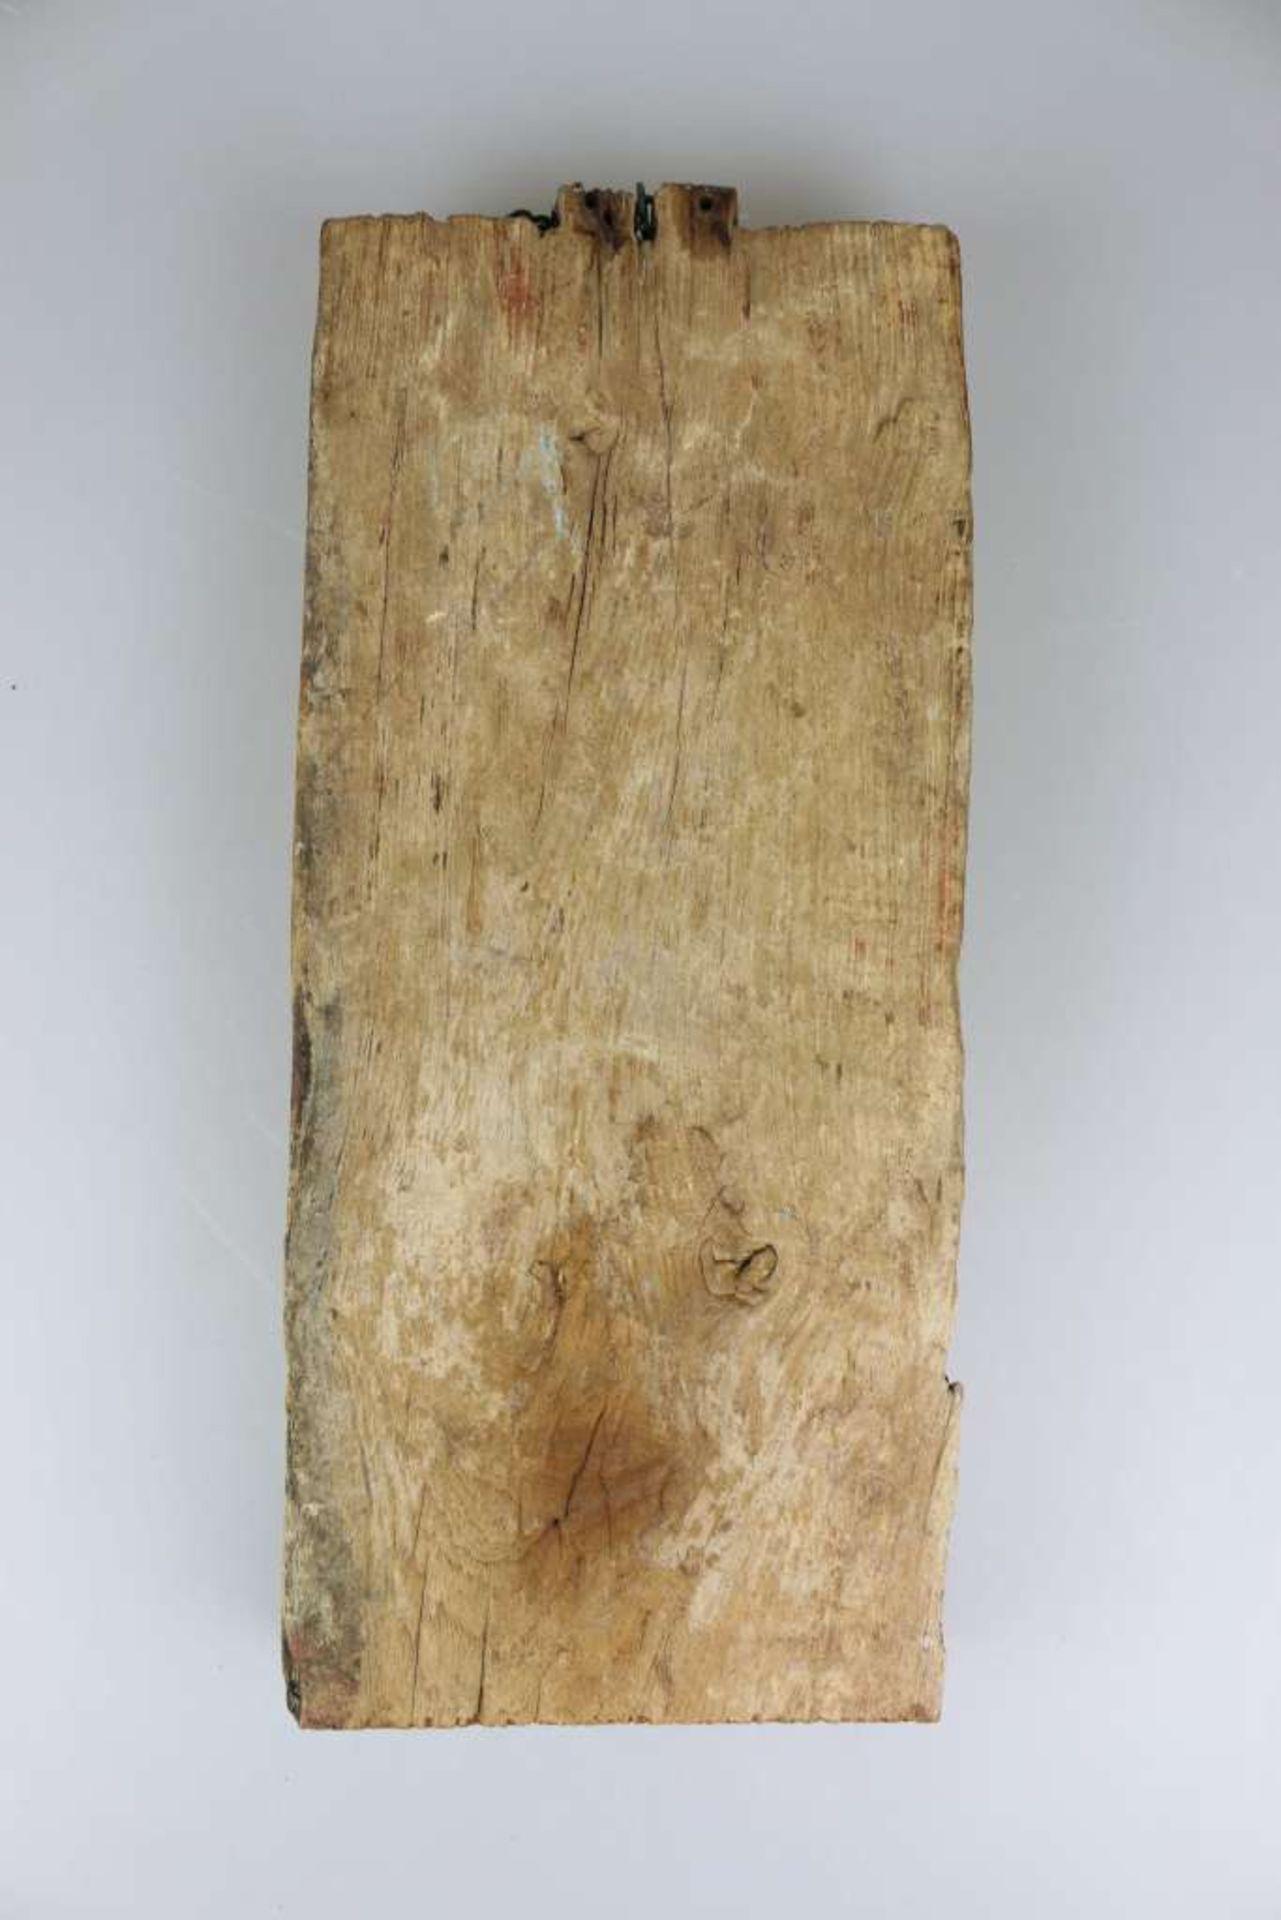 Prozessionsholz, Gott Vishnu, Indien, 19./ 20. Jh., Relief geschnitzt, Darstellung des vierarmi - Bild 2 aus 2